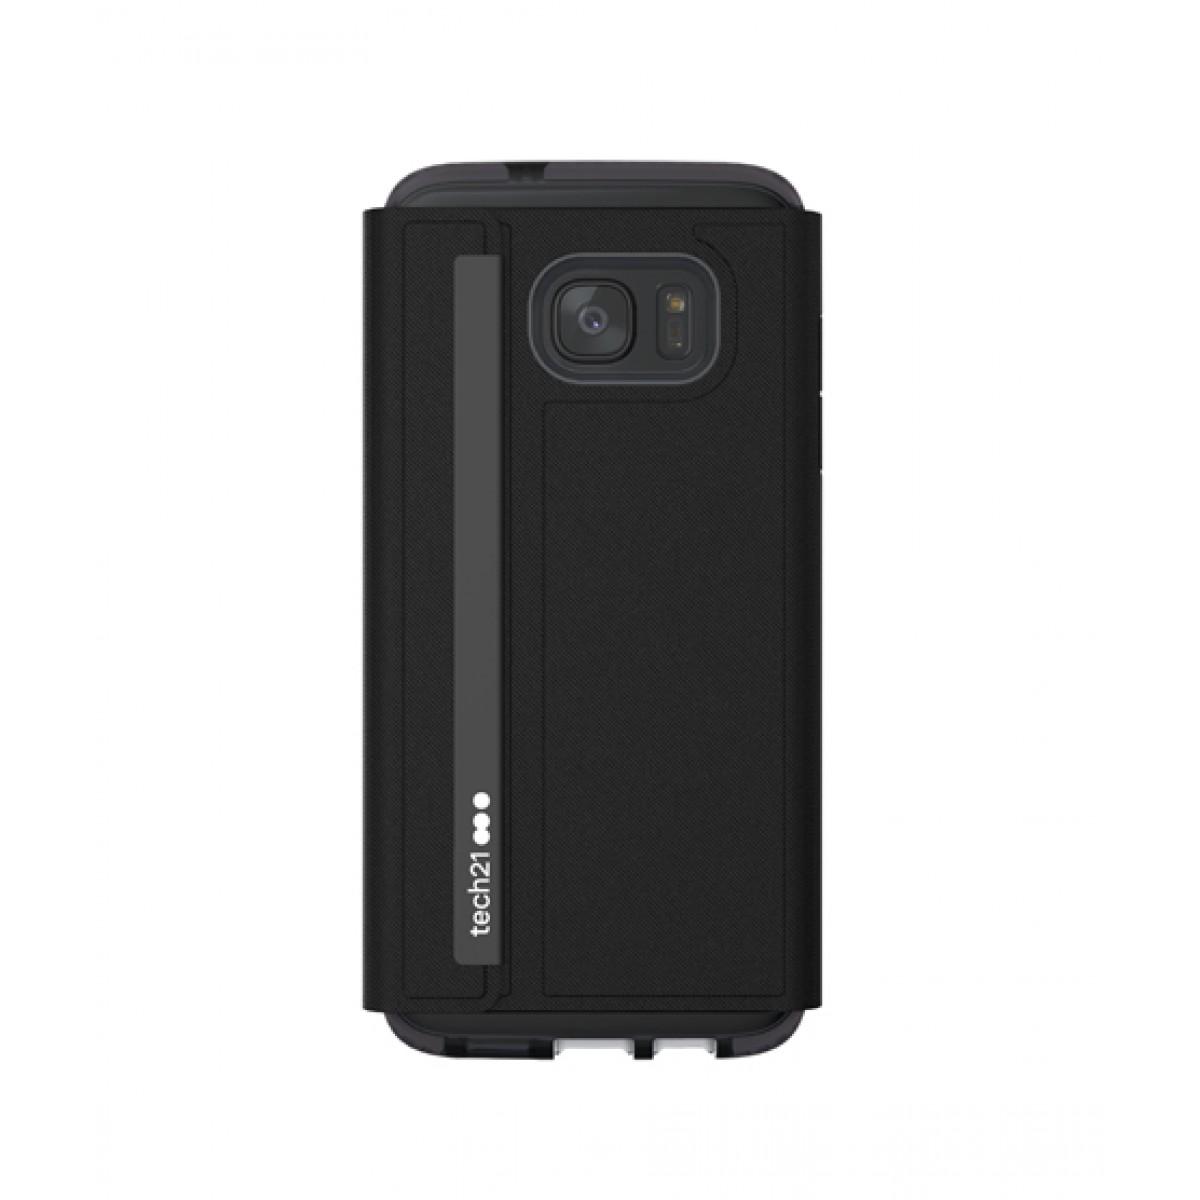 buy online 188f0 0f4d1 Tech21 Evo Wallet Case For Galaxy S7 edge